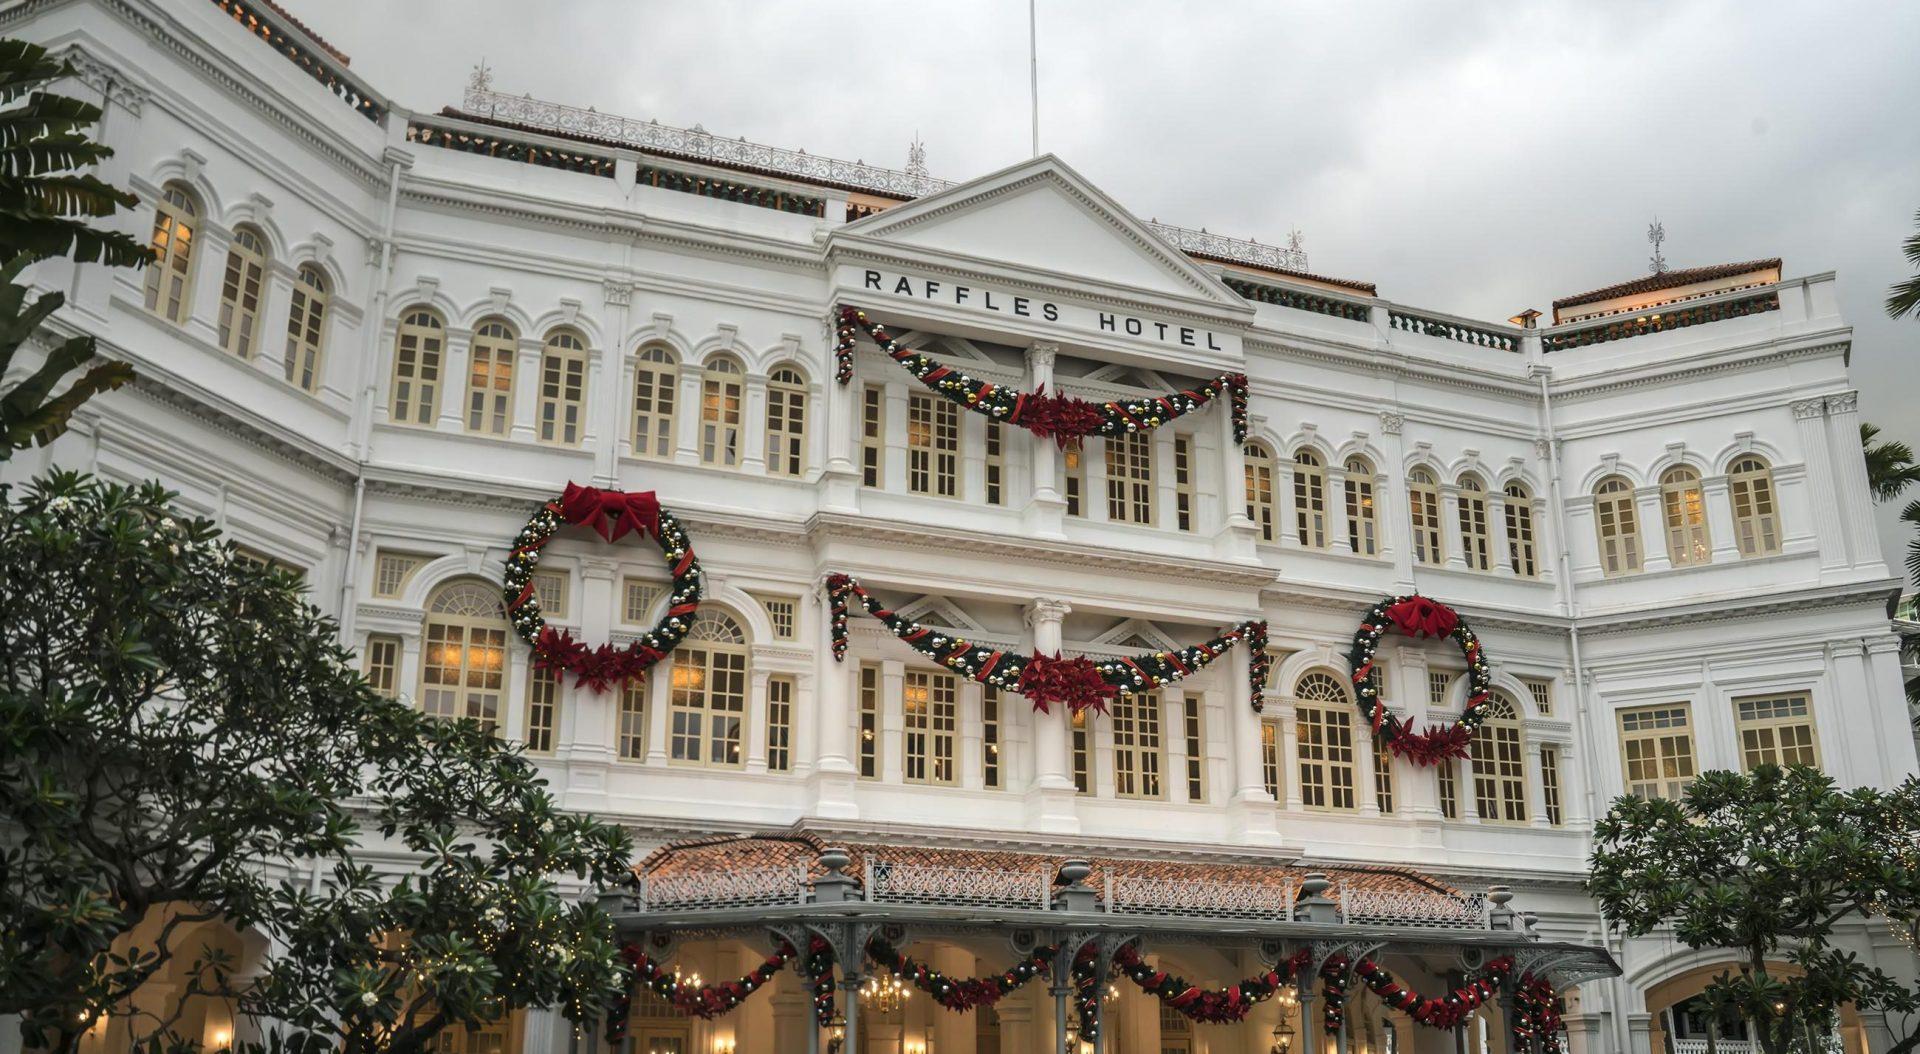 L'hôtel Raffles à Singapour. (Source : Wikimedia Commons)